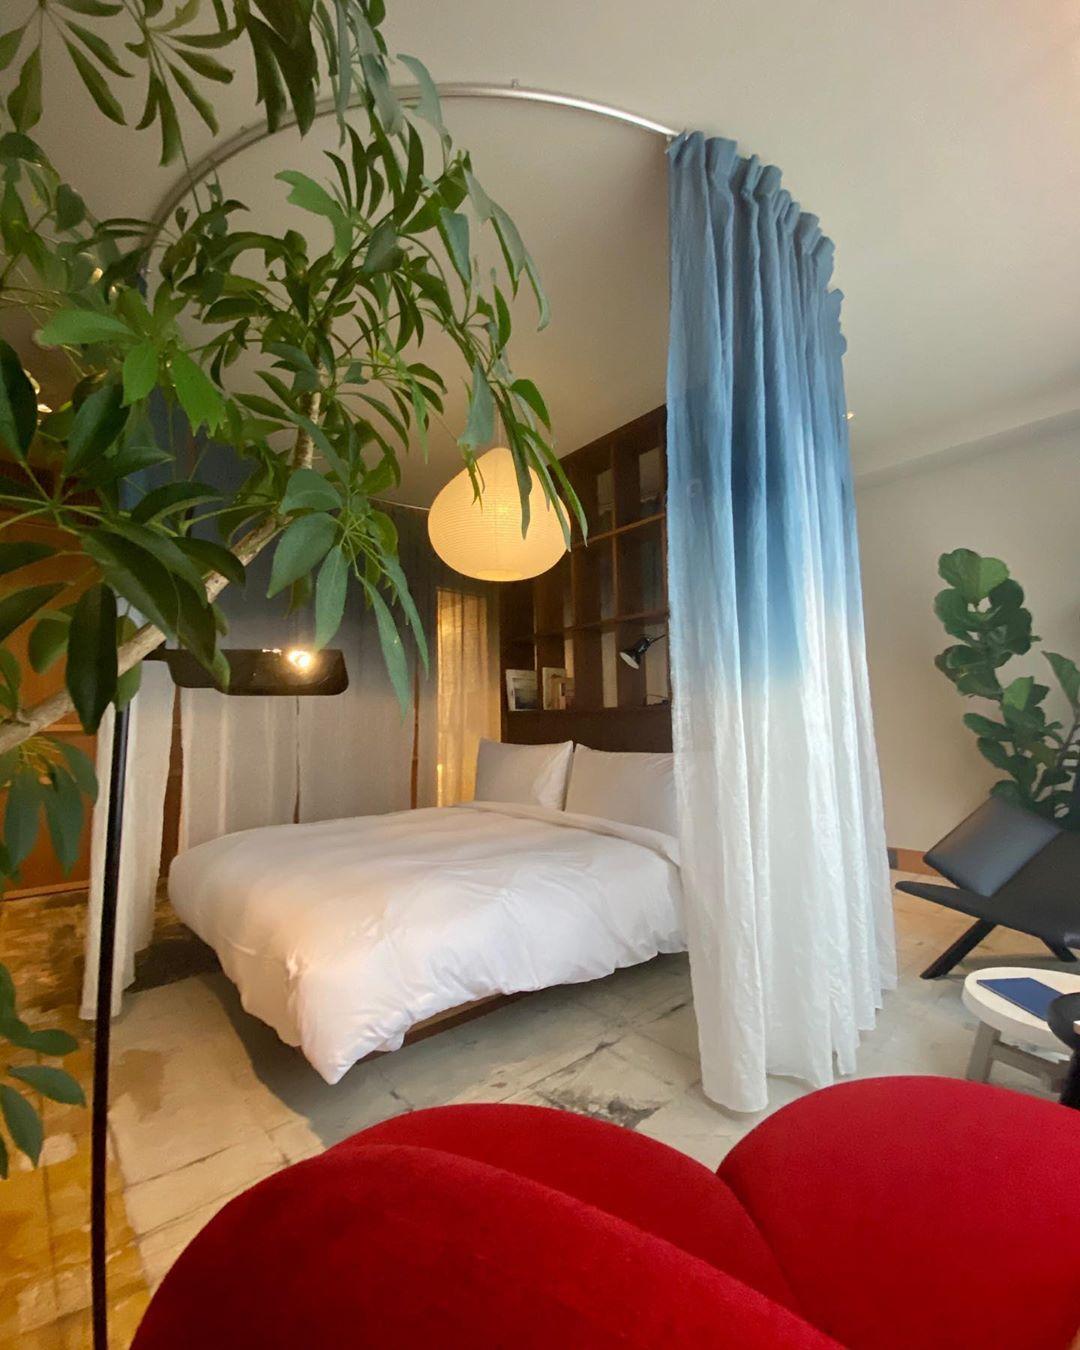 もともとインテリアがとても好きなので、普通では買うことのできないような家具が置いてあるホテルはとても好きですね。